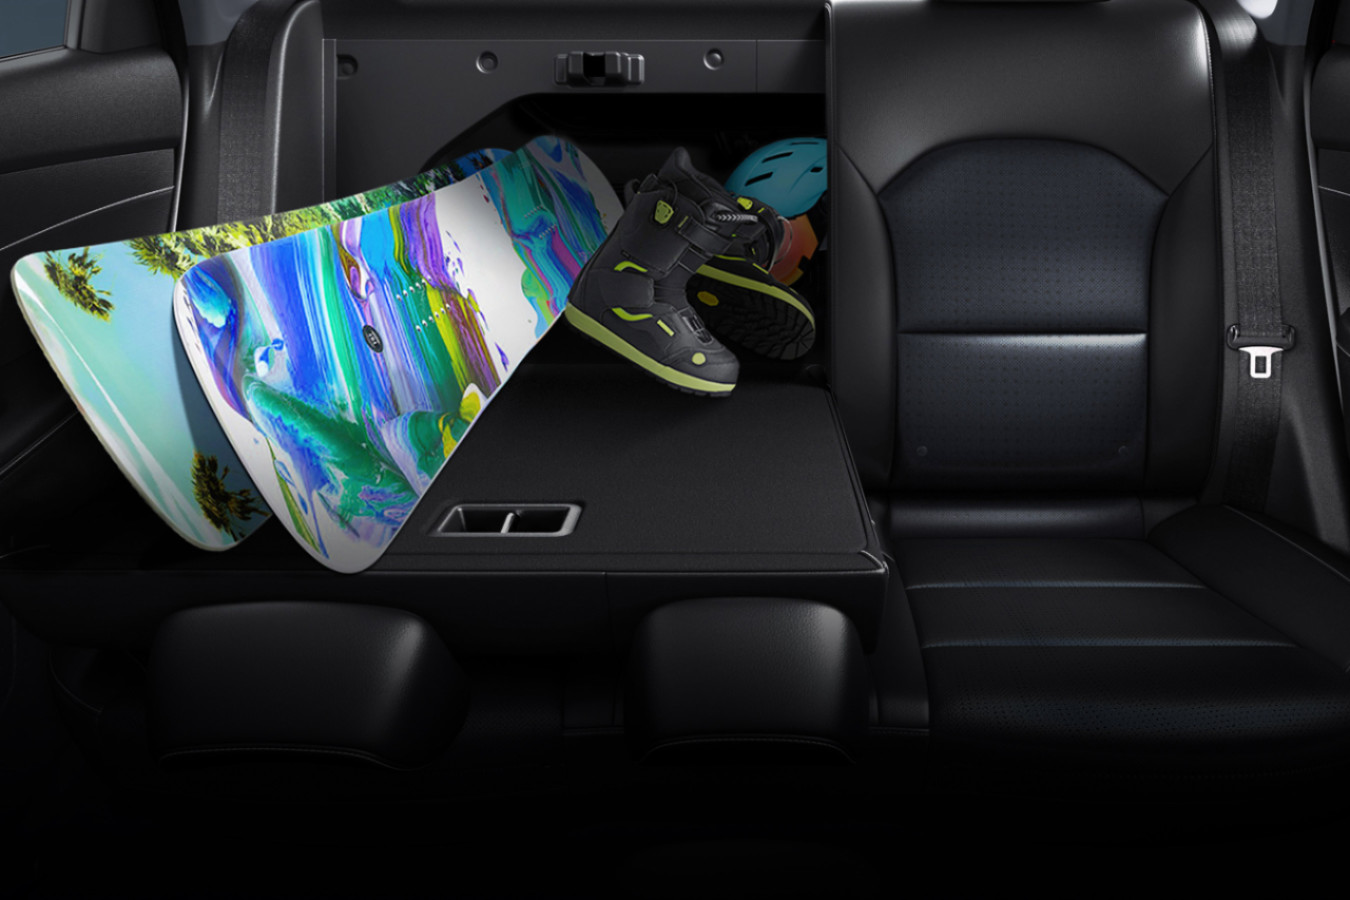 2020 Kia Forte Rear-Row Seating